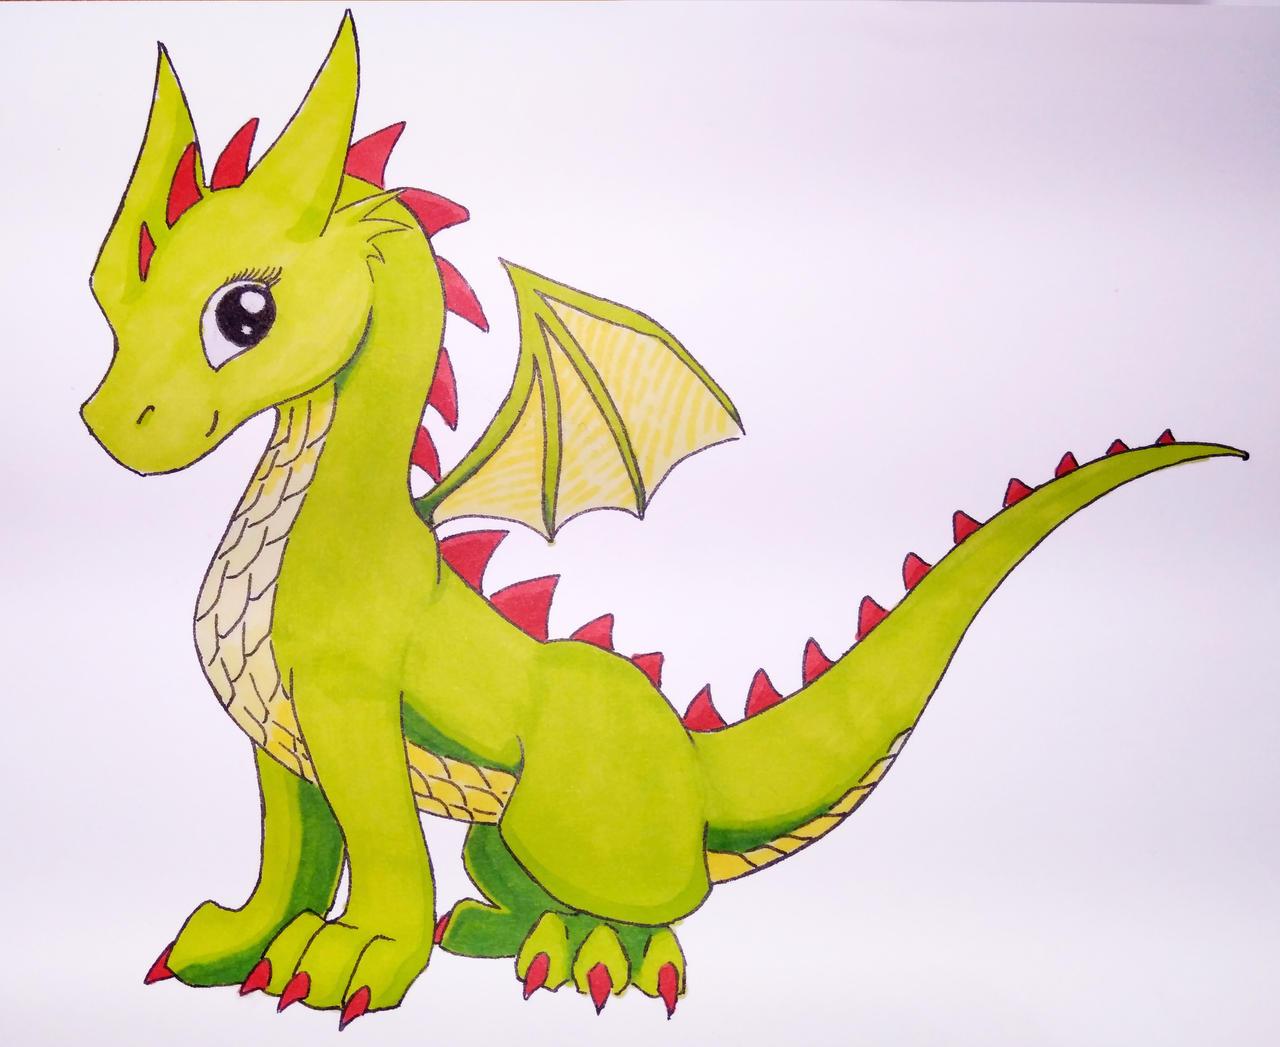 sweet_dragon_by_kiaraslz_dd7peay-fullview.jpg?token=eyJ0eXAiOiJKV1QiLCJhbGciOiJIUzI1NiJ9.eyJzdWIiOiJ1cm46YXBwOjdlMGQxODg5ODIyNjQzNzNhNWYwZDQxNWVhMGQyNmUwIiwiaXNzIjoidXJuOmFwcDo3ZTBkMTg4OTgyMjY0MzczYTVmMGQ0MTVlYTBkMjZlMCIsIm9iaiI6W1t7ImhlaWdodCI6Ijw9MTA0NyIsInBhdGgiOiJcL2ZcL2U5ZDkzYWFmLTZkOGItNDdiZS04OTNkLWU5N2NiM2ViNDFiMFwvZGQ3cGVheS01ZjdmMTdhNS0zN2E0LTQ4YTItOGI0NS1hMDU4MjM3ODQxNTkuanBnIiwid2lkdGgiOiI8PTEyODAifV1dLCJhdWQiOlsidXJuOnNlcnZpY2U6aW1hZ2Uub3BlcmF0aW9ucyJdfQ.KdF3616Pn4QwfDN8vw7GUxTSsdpHT1CssHHtlBenF2w